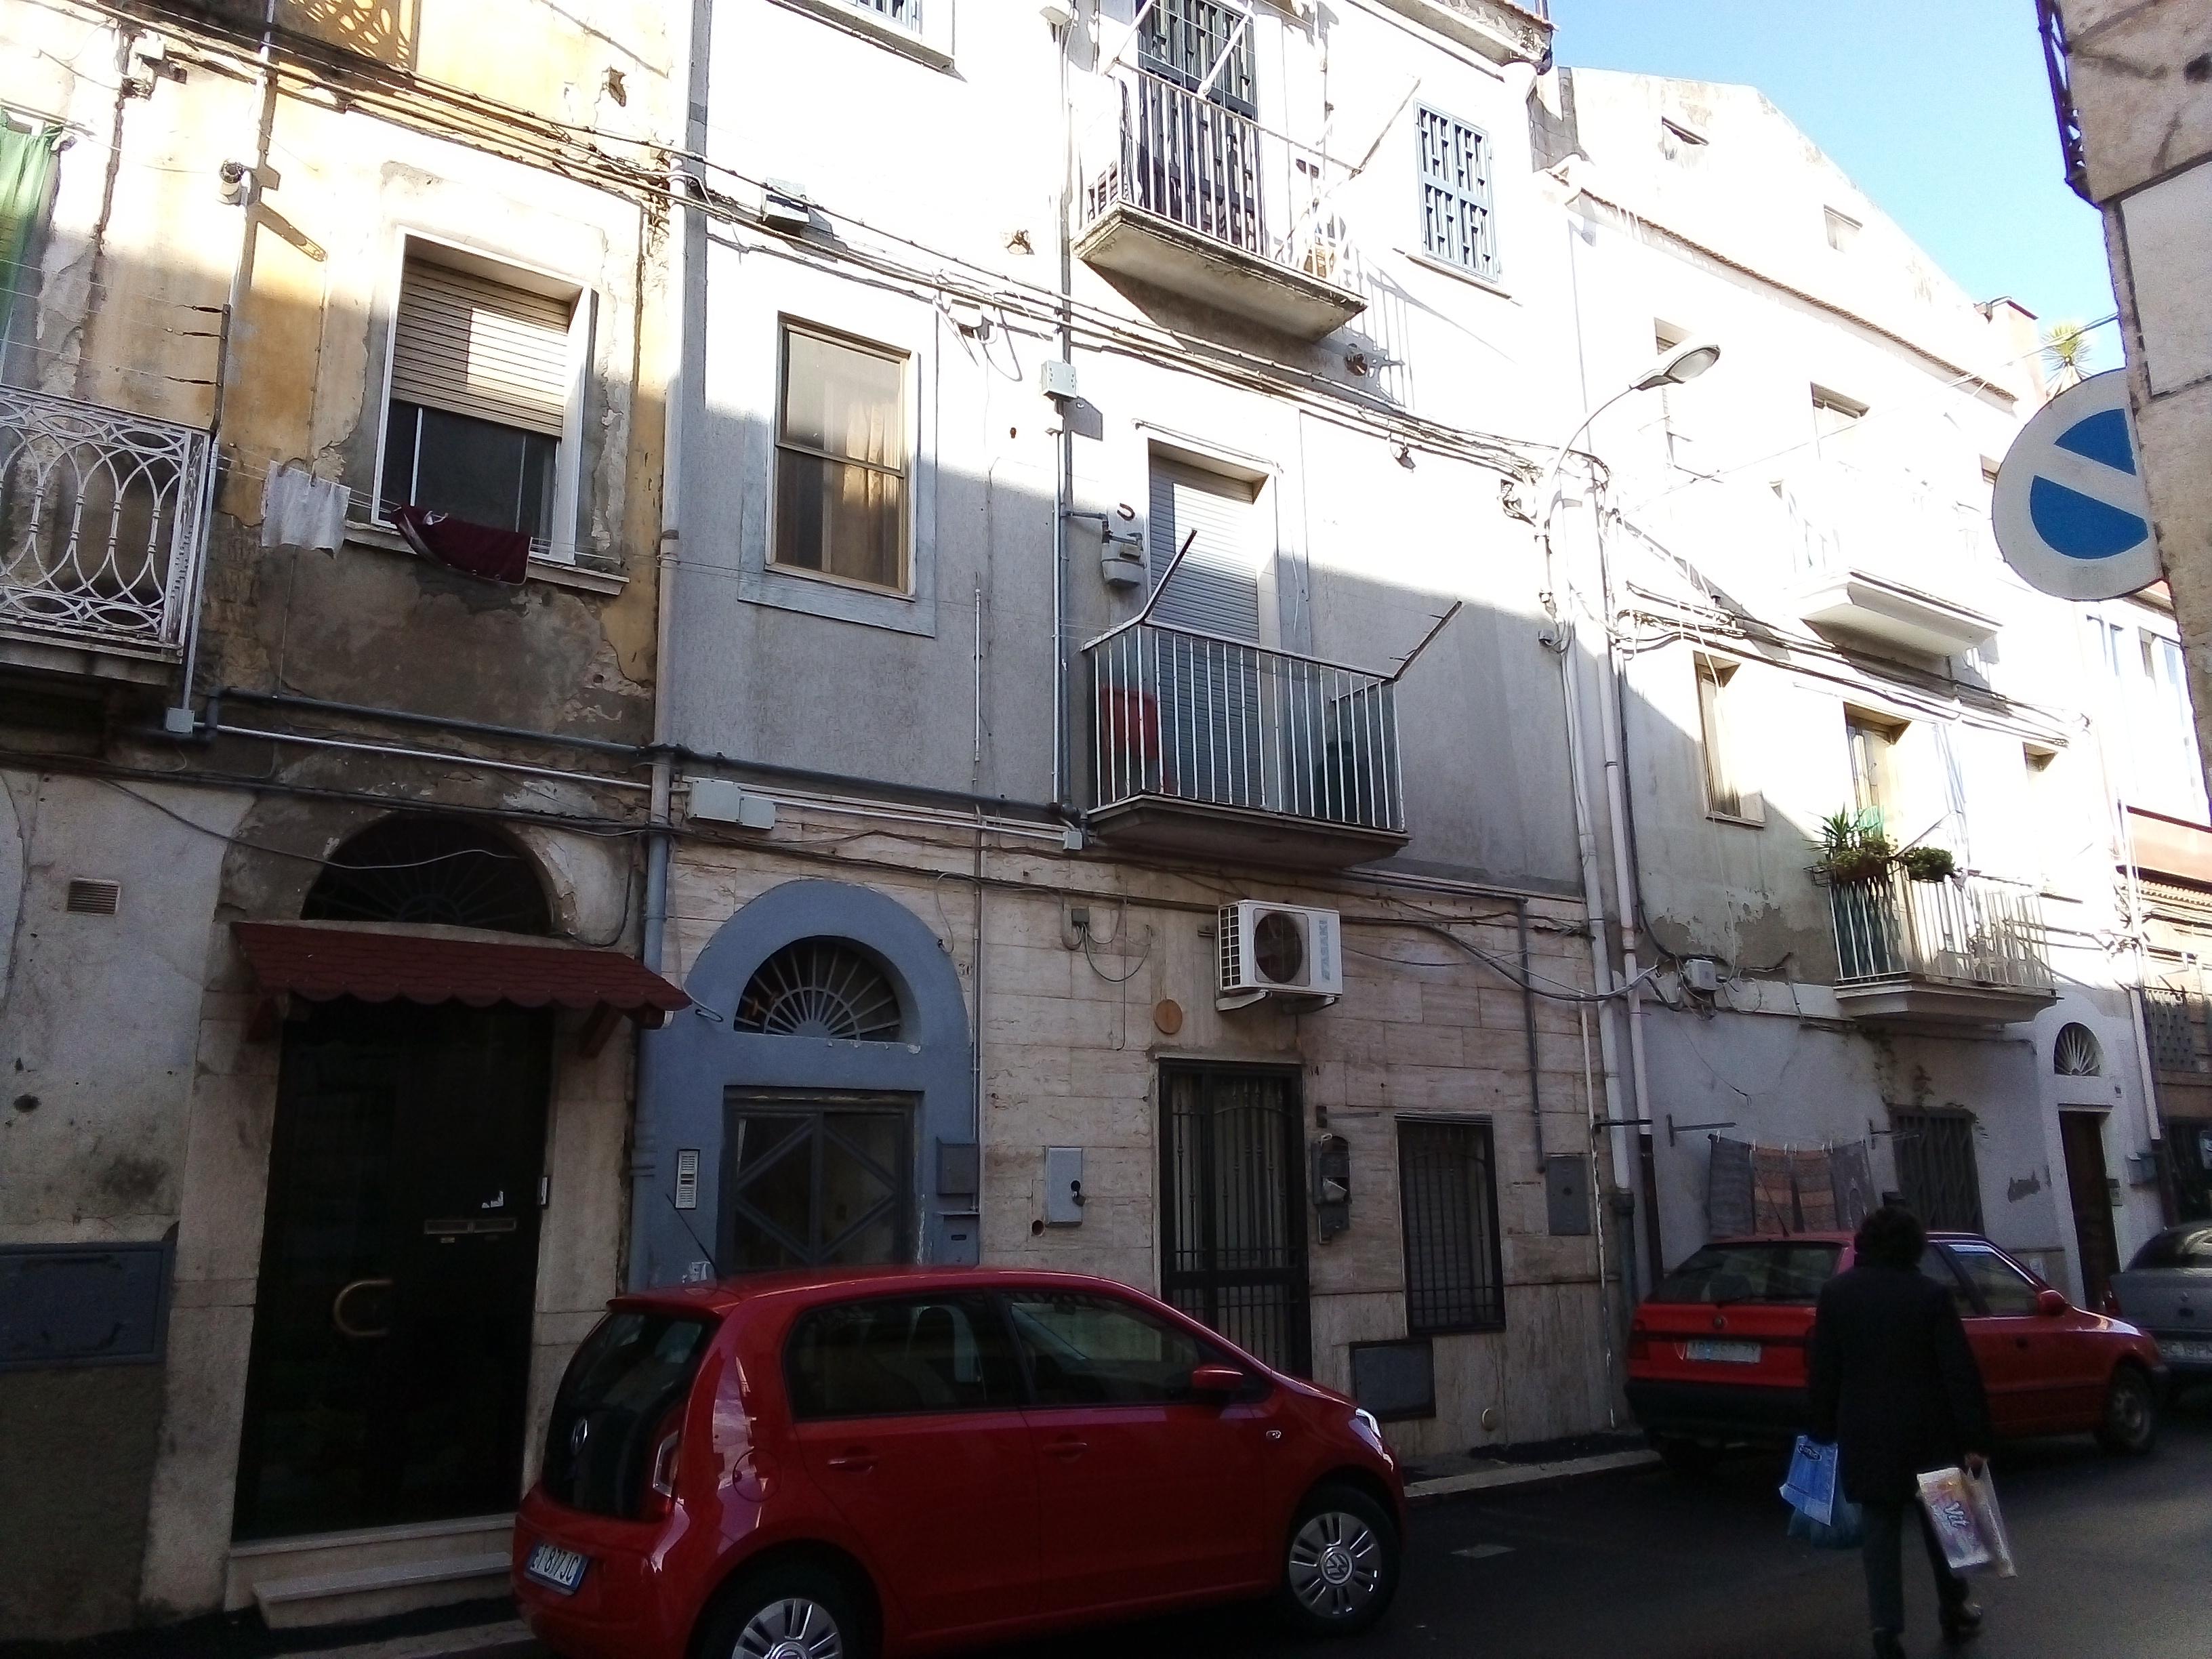 Appartamenti in vendita a Foggia-Via Nicola Parisi 2 Vani accessori